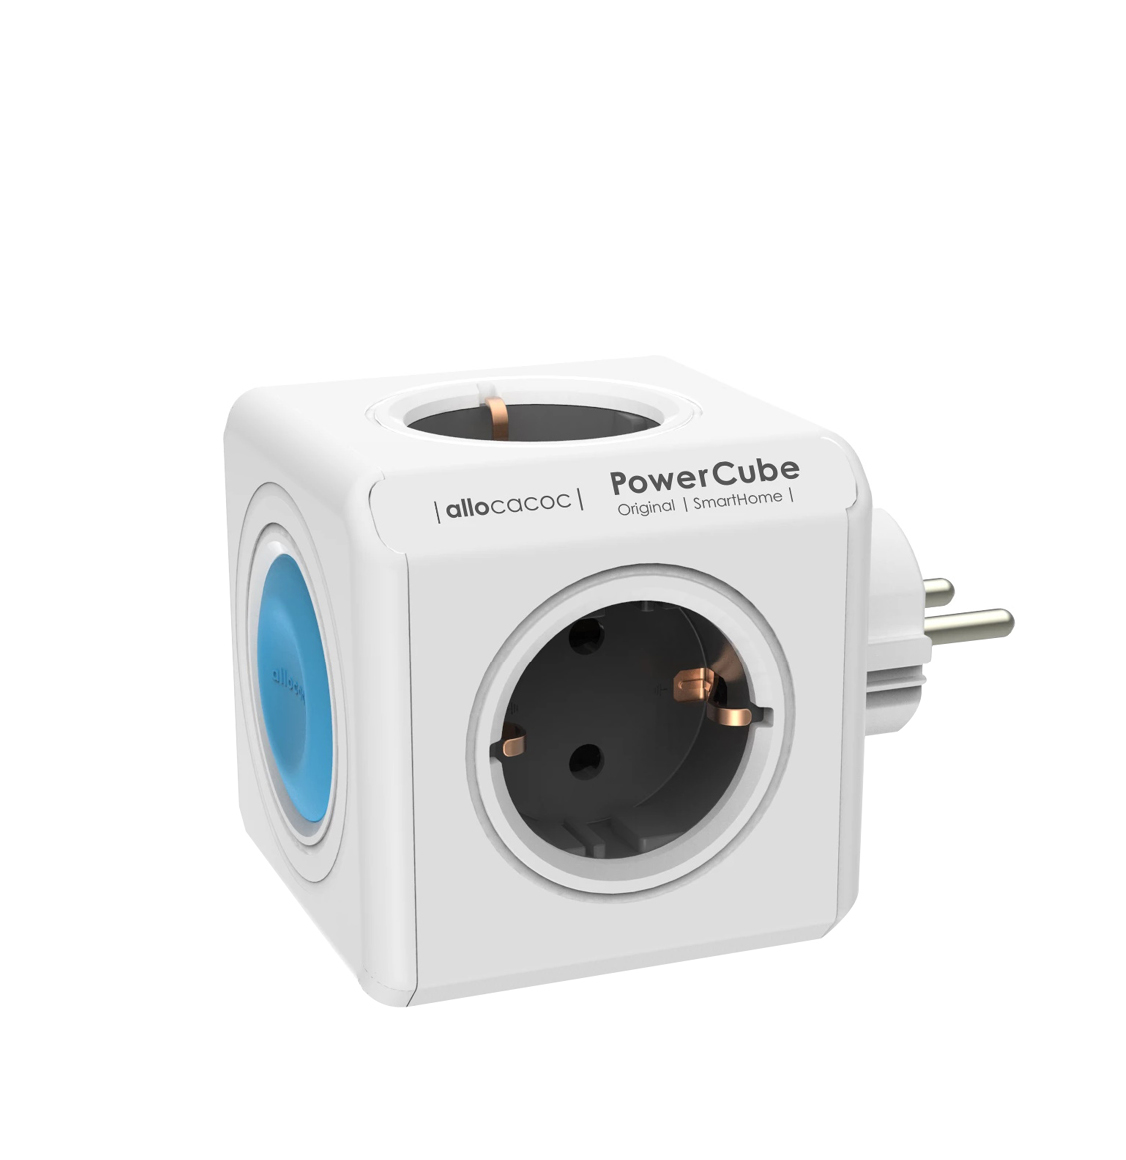 Allocacoc Original Smartphone Powercube